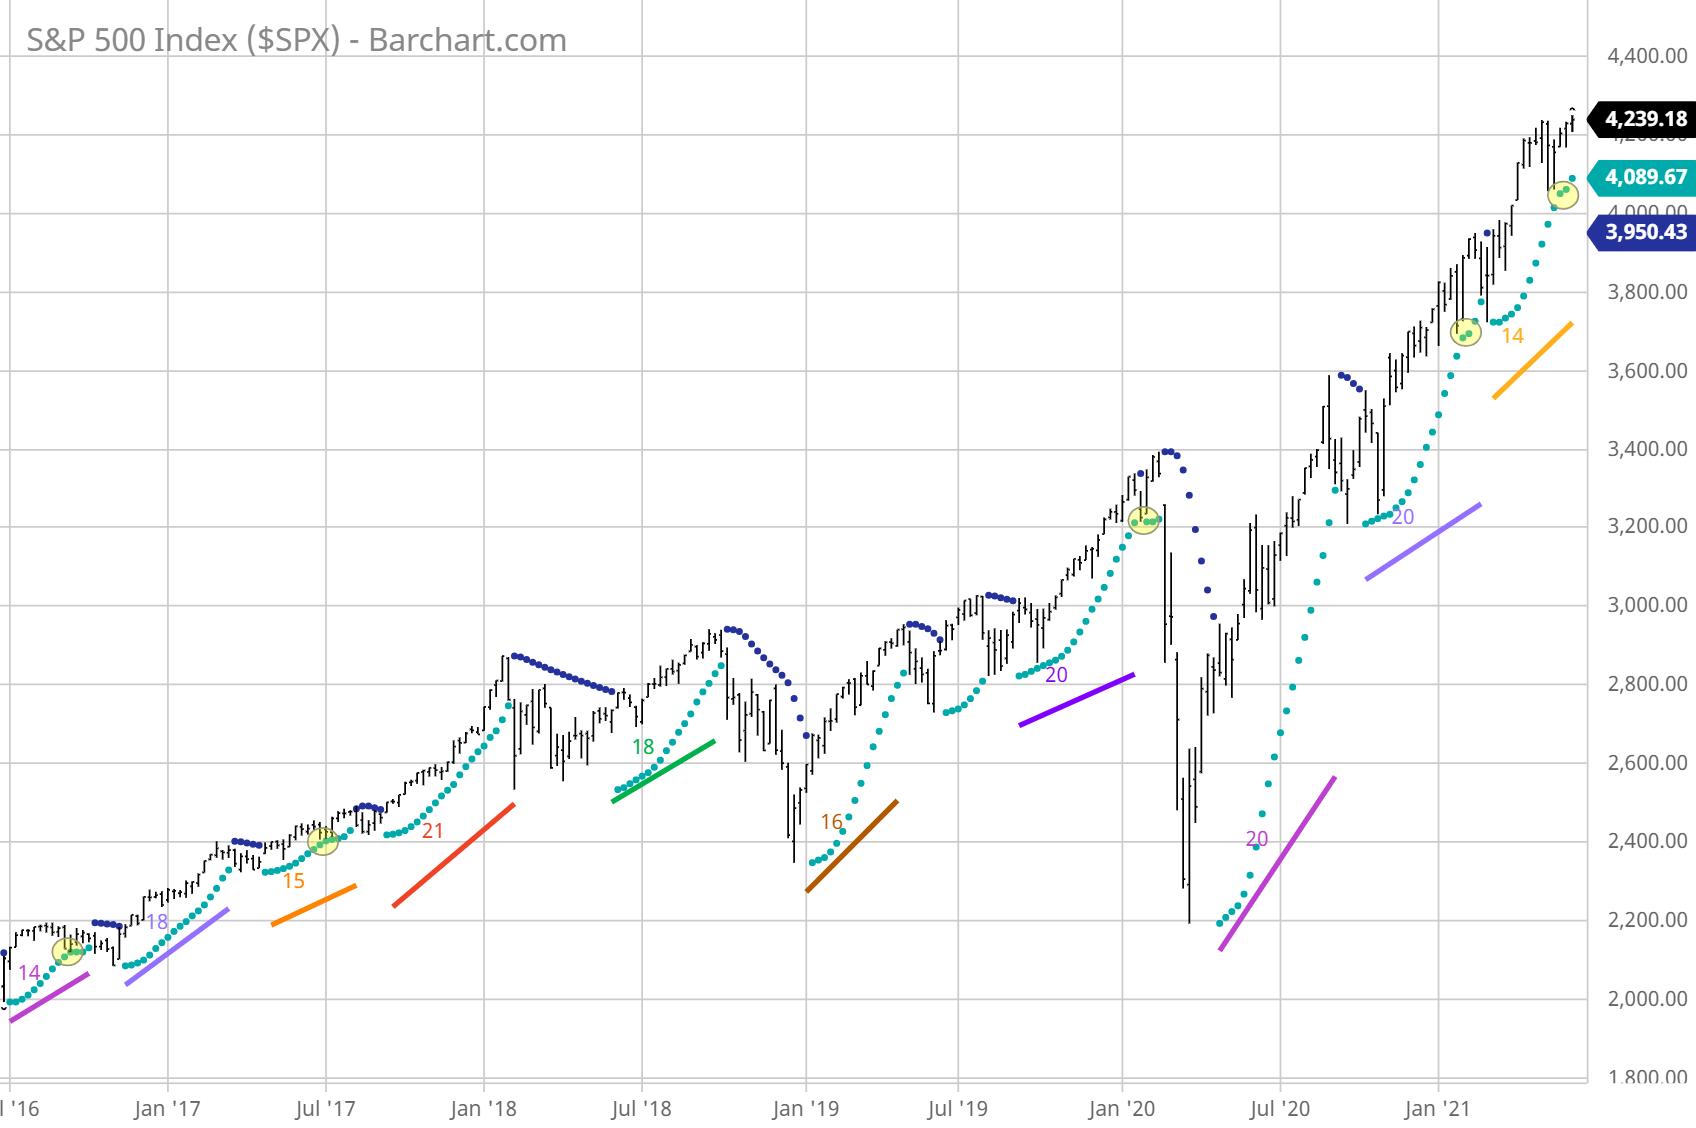 SP 500 Weekly Chart Parabolic SAR Cycle Analysis 6/10/2021